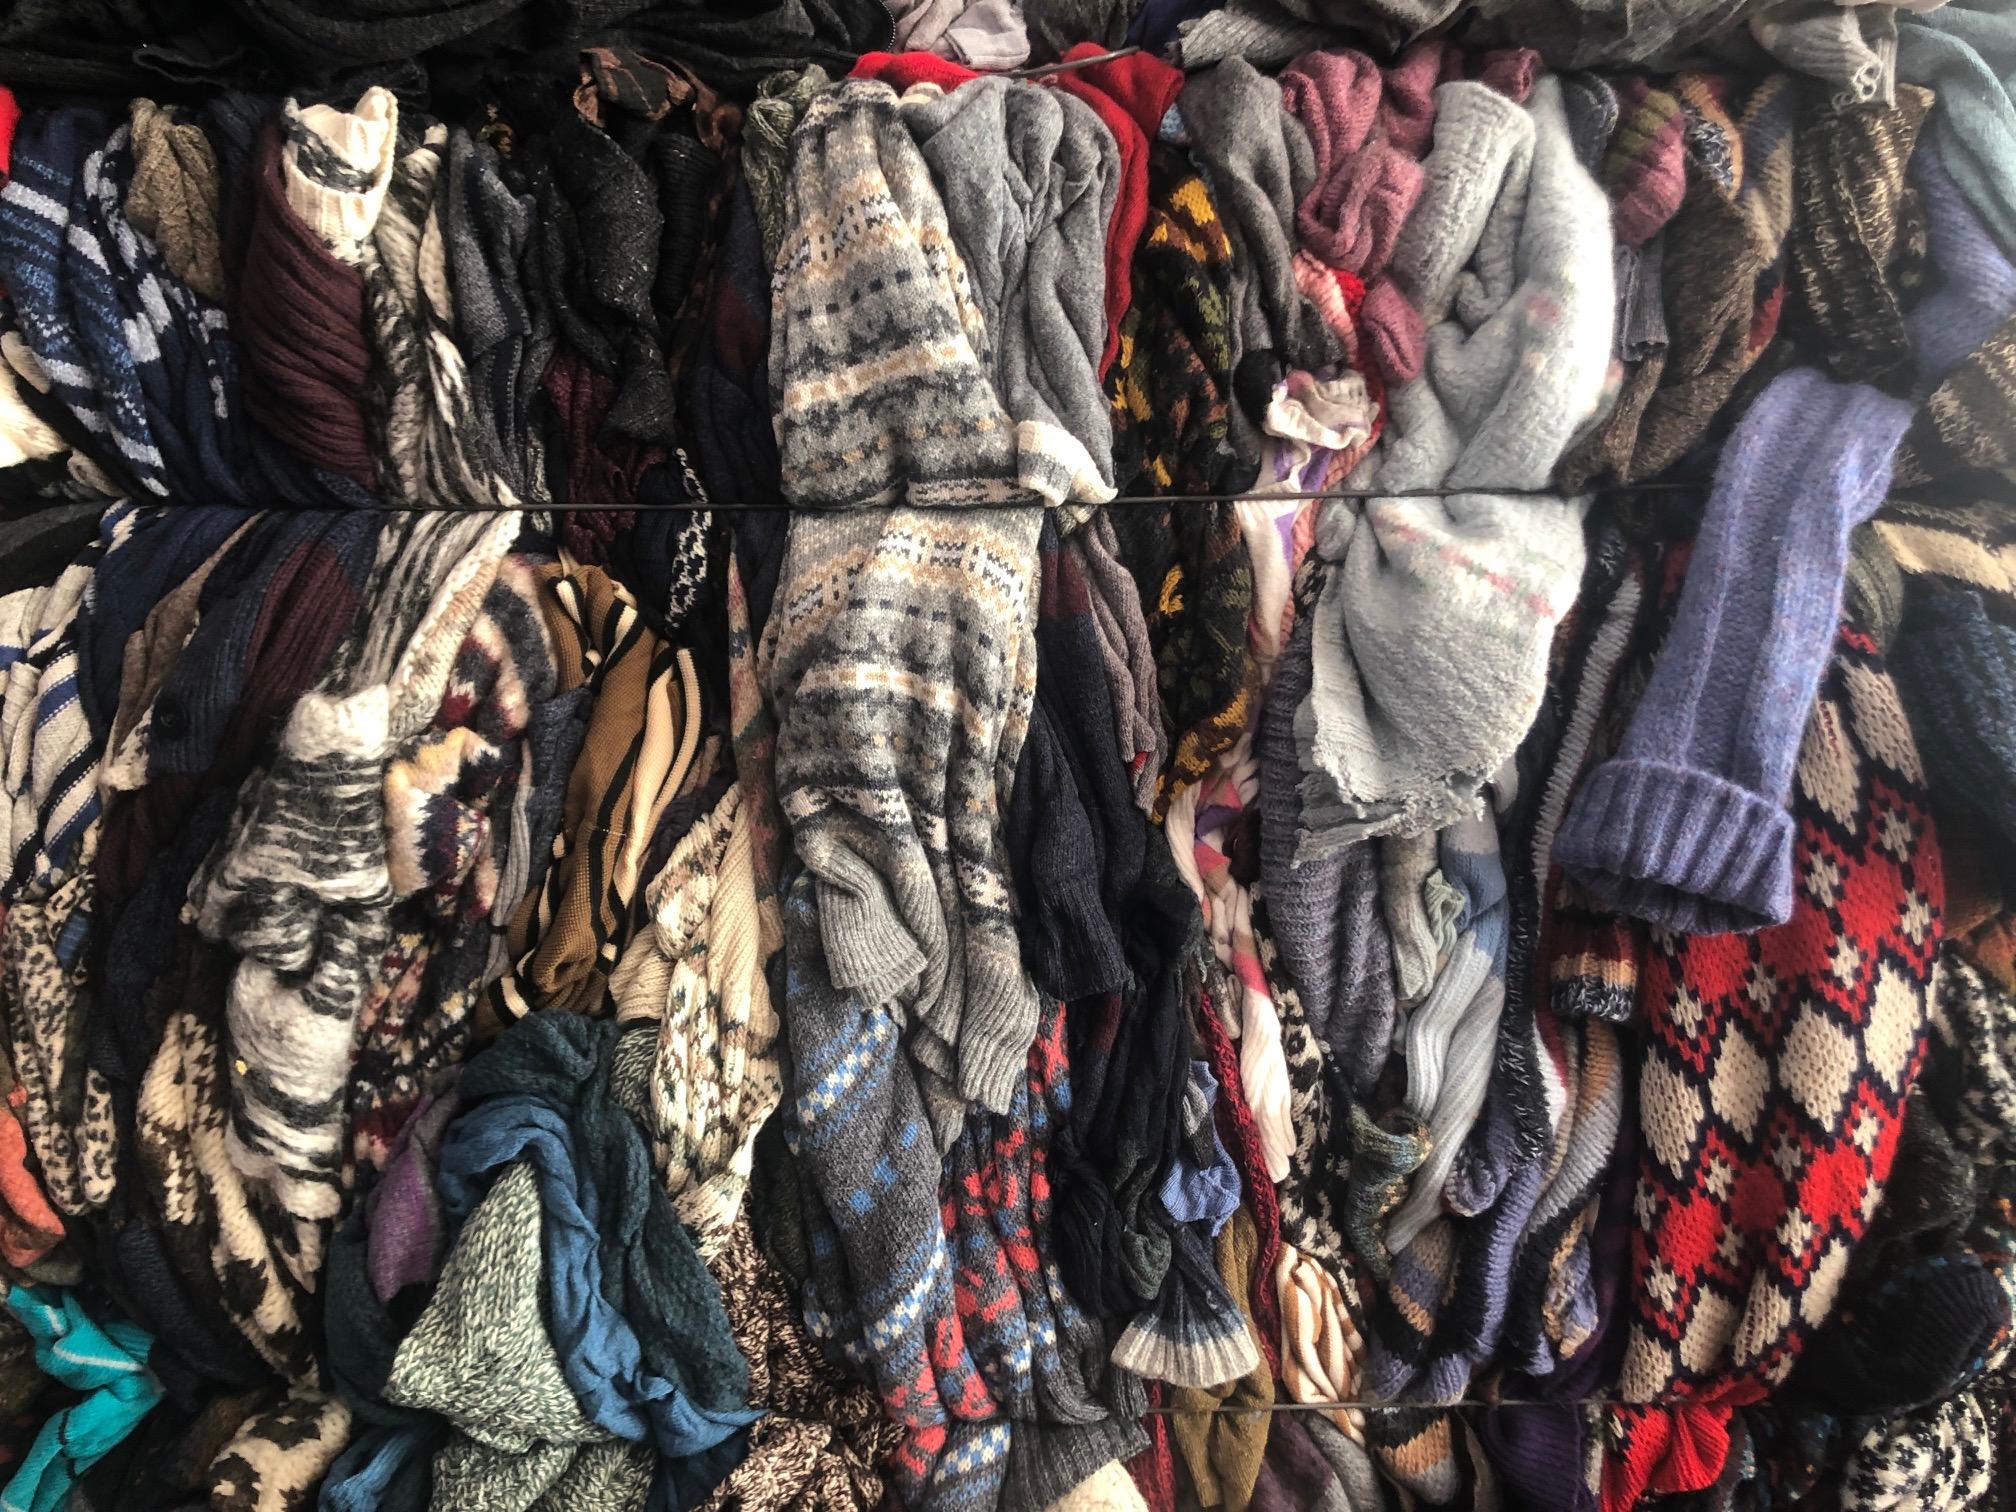 used clothes Solo Moda Sostenibile